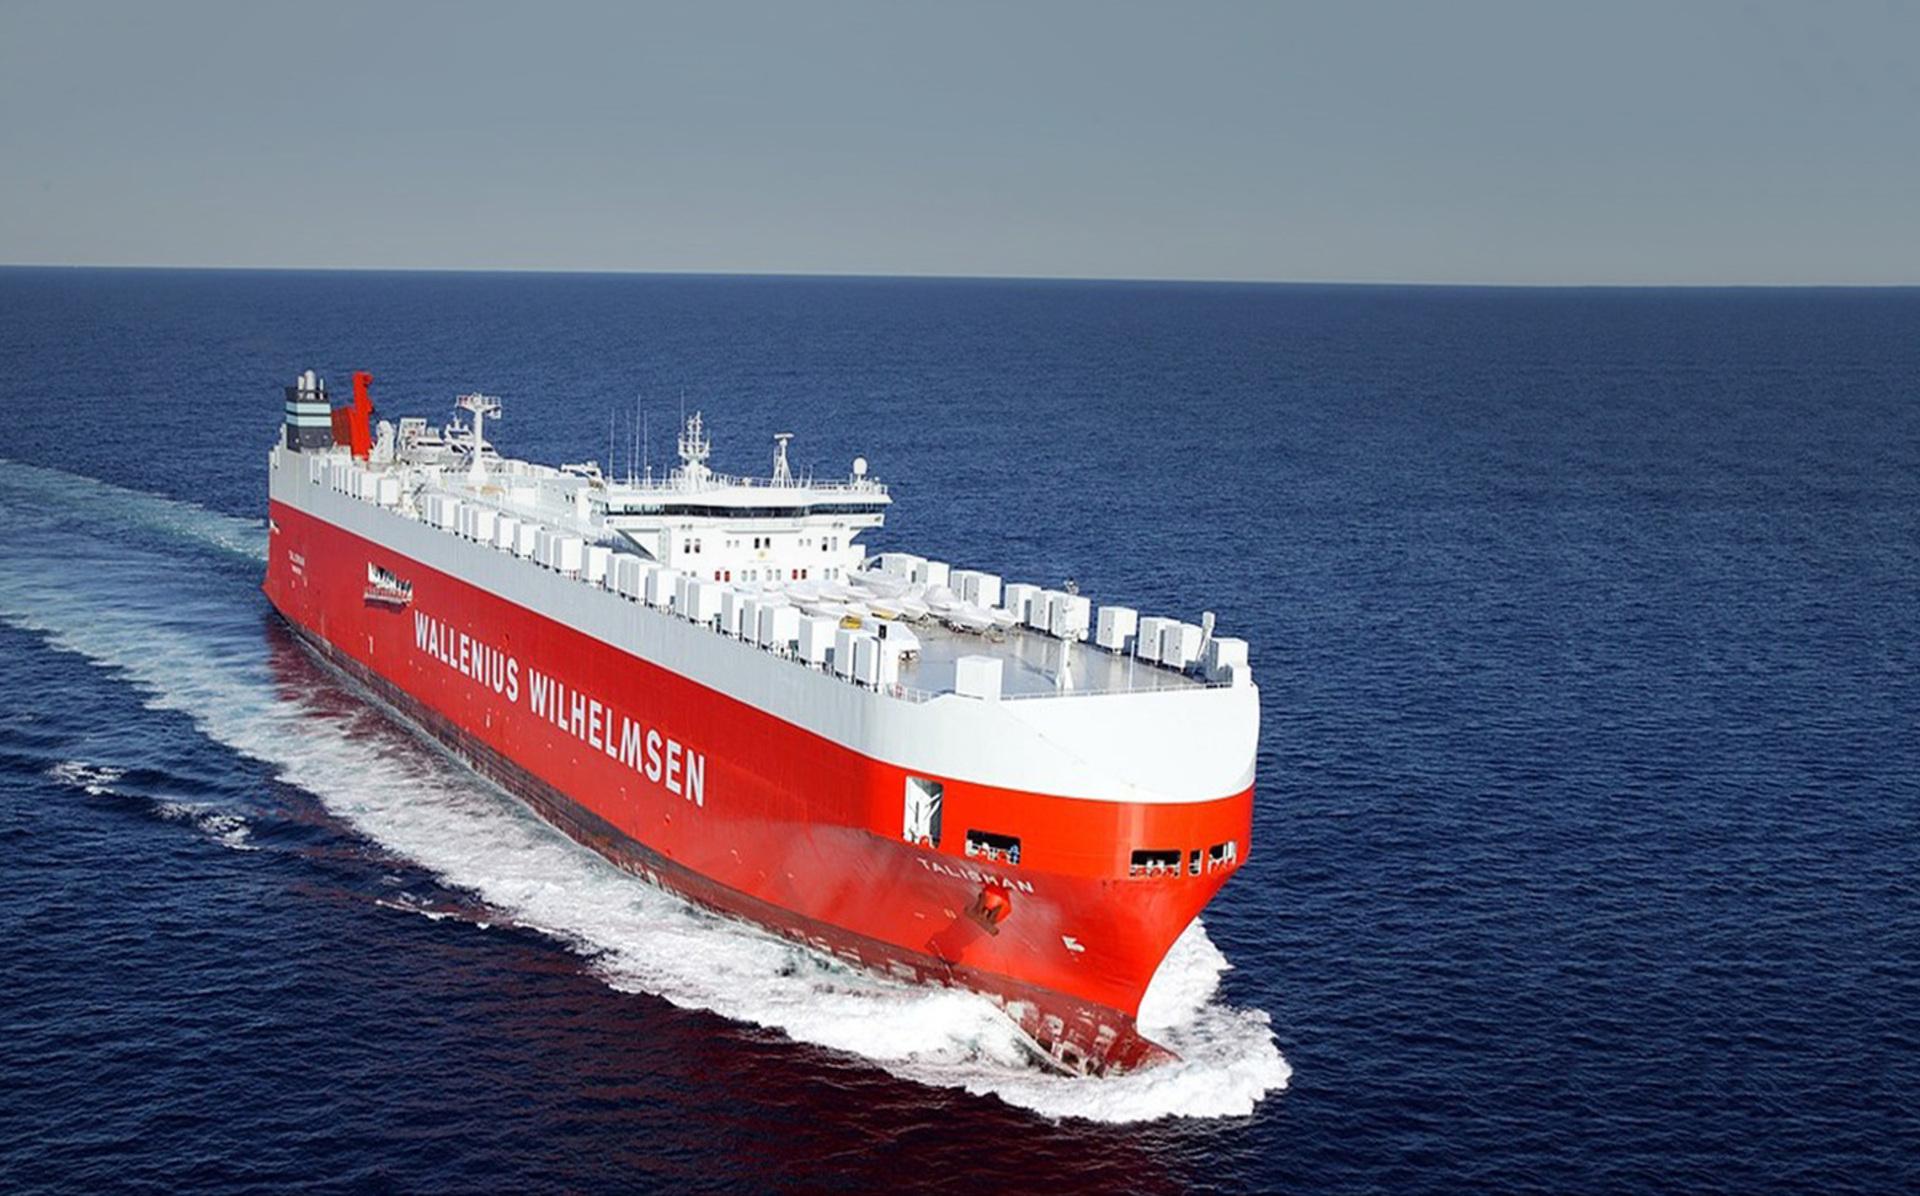 lietuvos-imone-kuria-pazangiausia-it-sistema-laivybos-sektoriui